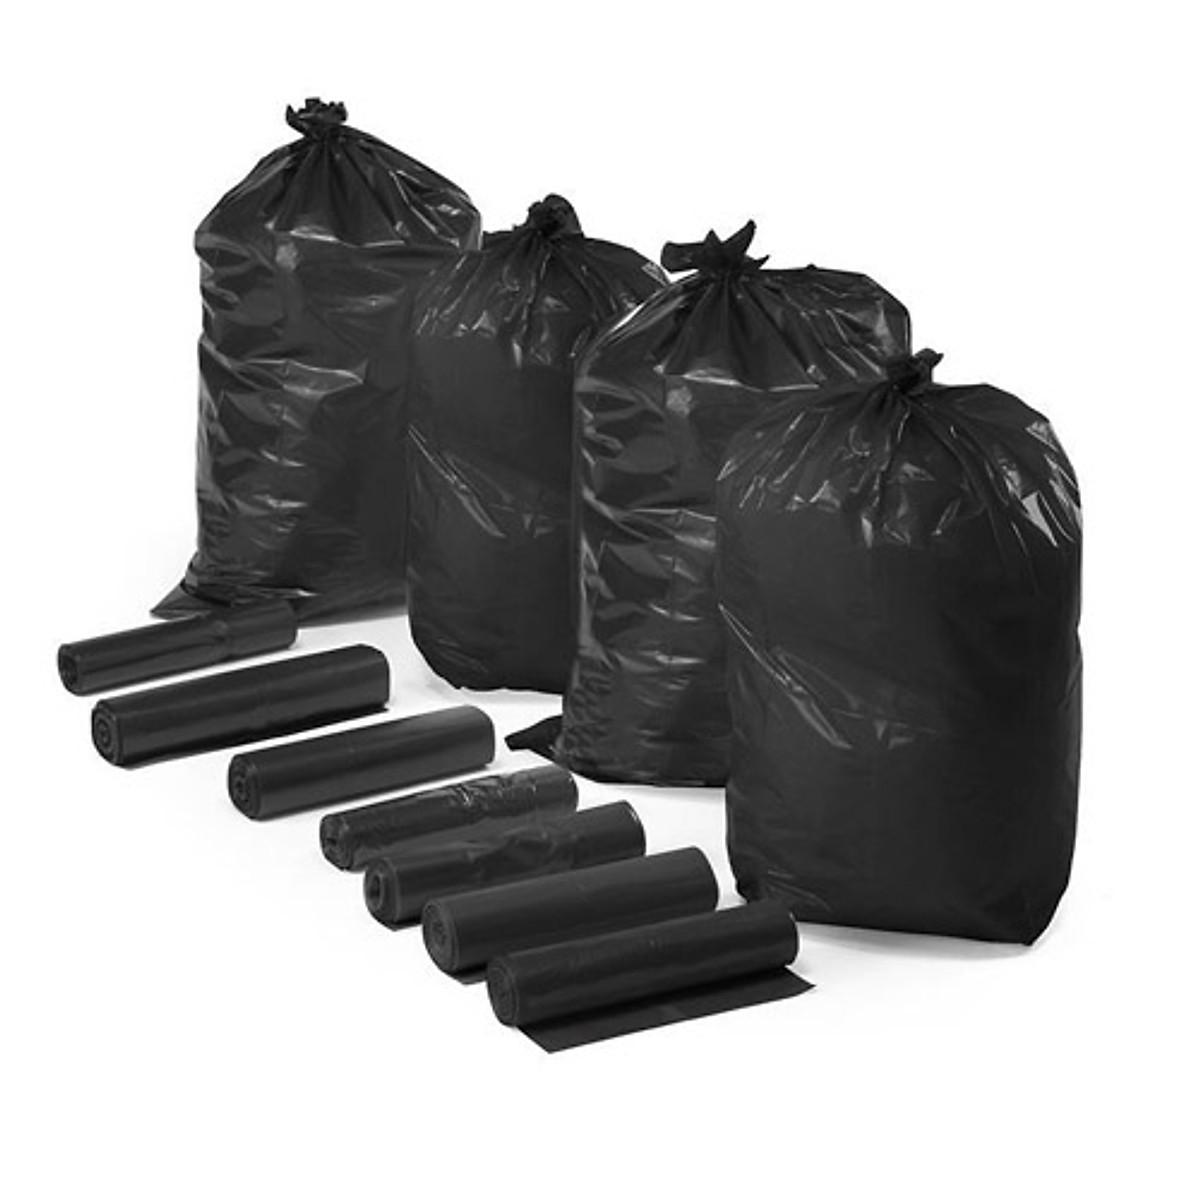 Combo 9 cuộn Túi đựng rác khách sạn, nhà hàng, Bao đựng rác trường học, văn phòng tiện lợi màu đen size đại 64x78